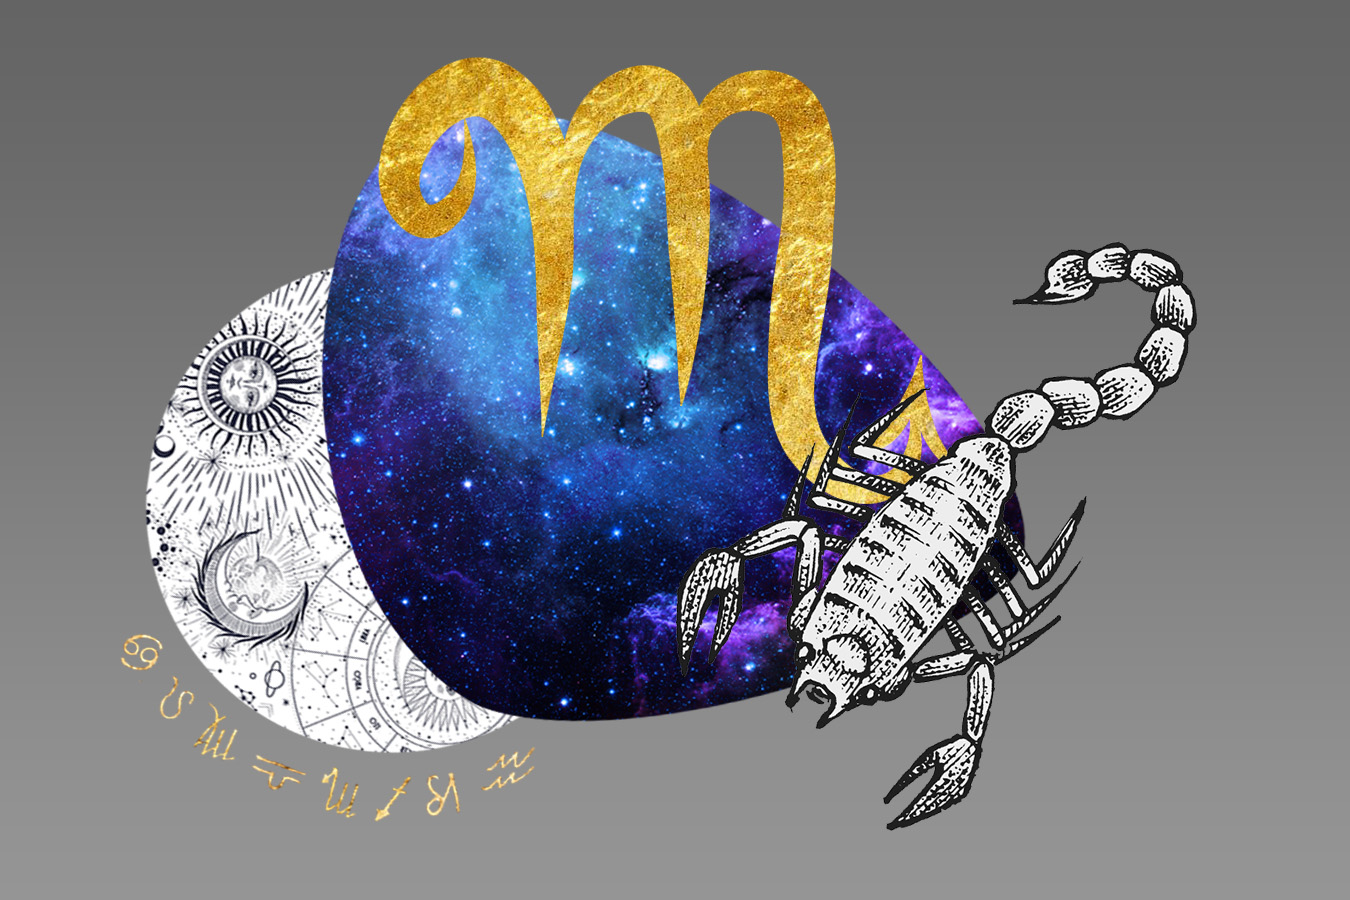 Жестокие и опасные: какие знаки зодиака являются таковыми — фото 1